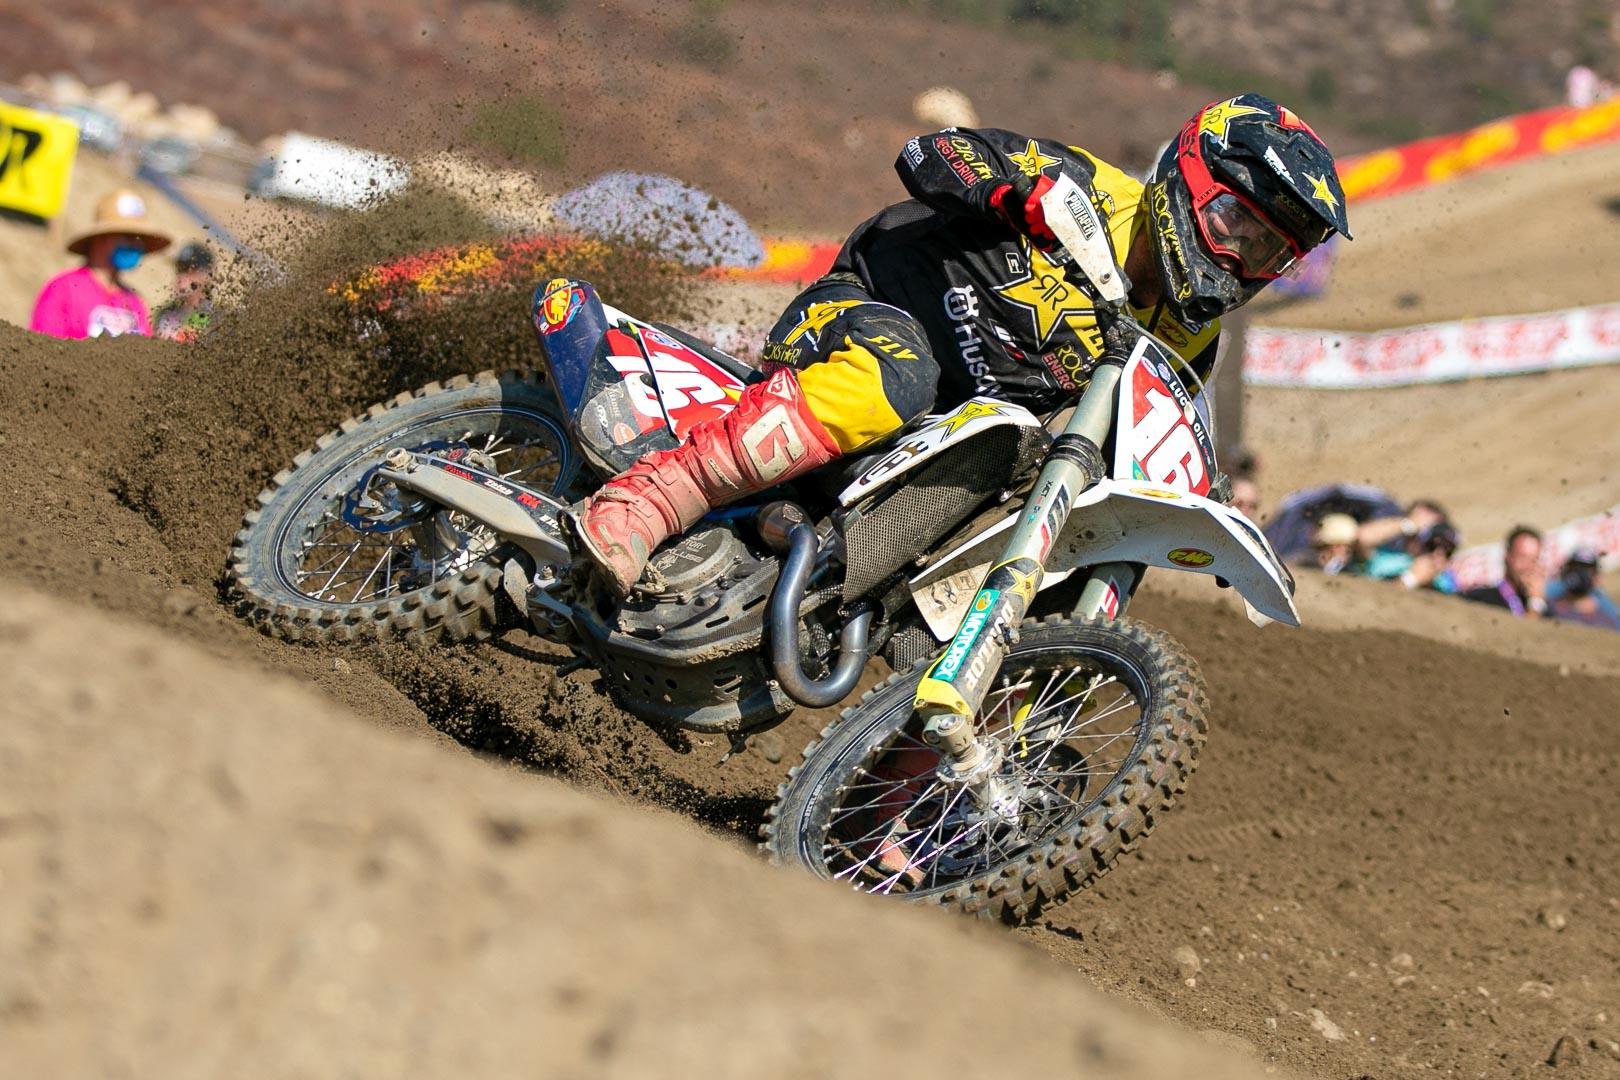 Números 2021 AMA Supercross y Motocross Pro: lista y análisis